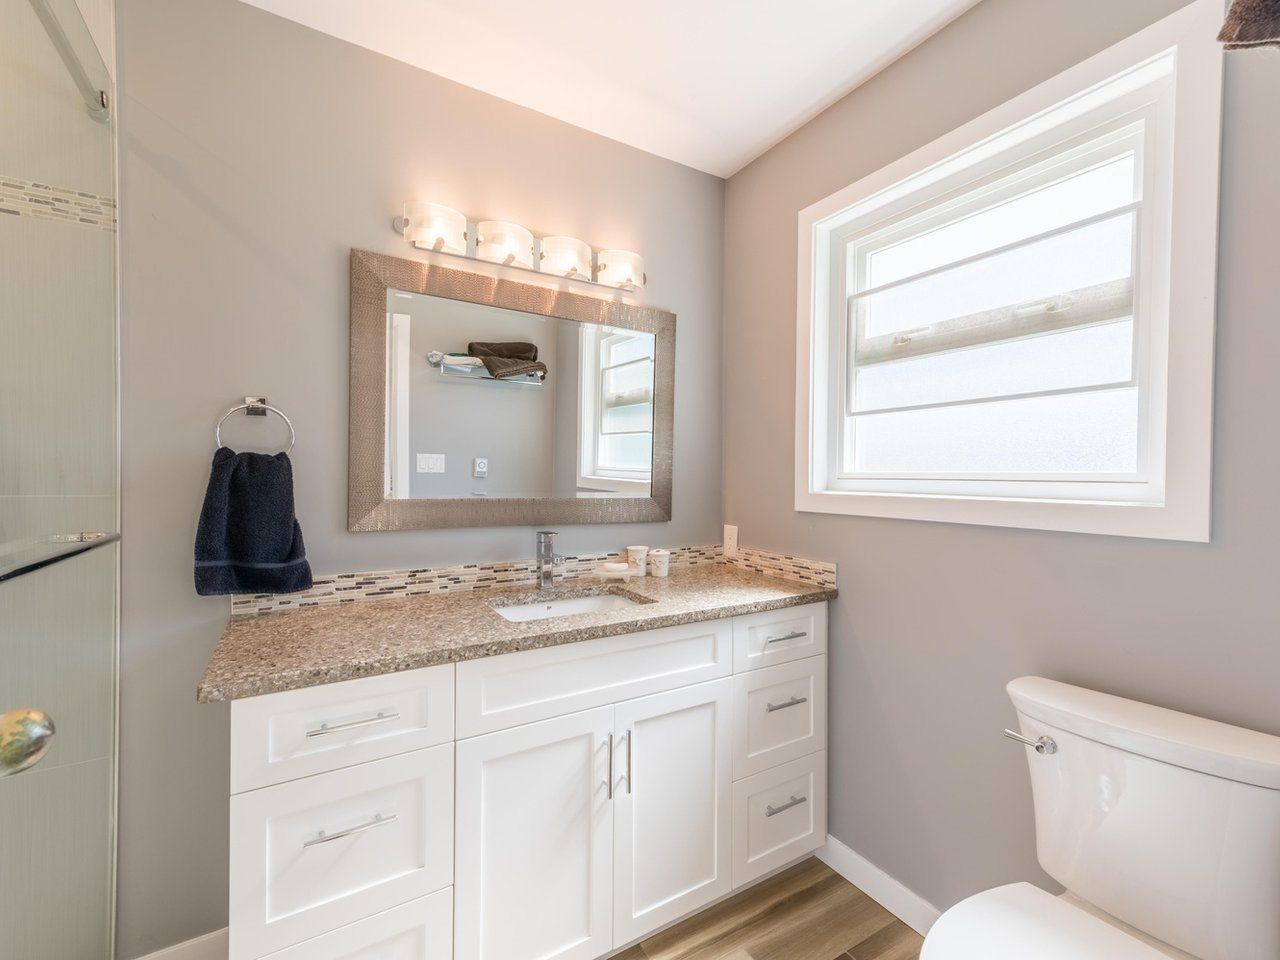 Photo 20: Photos: 808 REGAN Avenue in Coquitlam: Coquitlam West House for sale : MLS®# R2563486